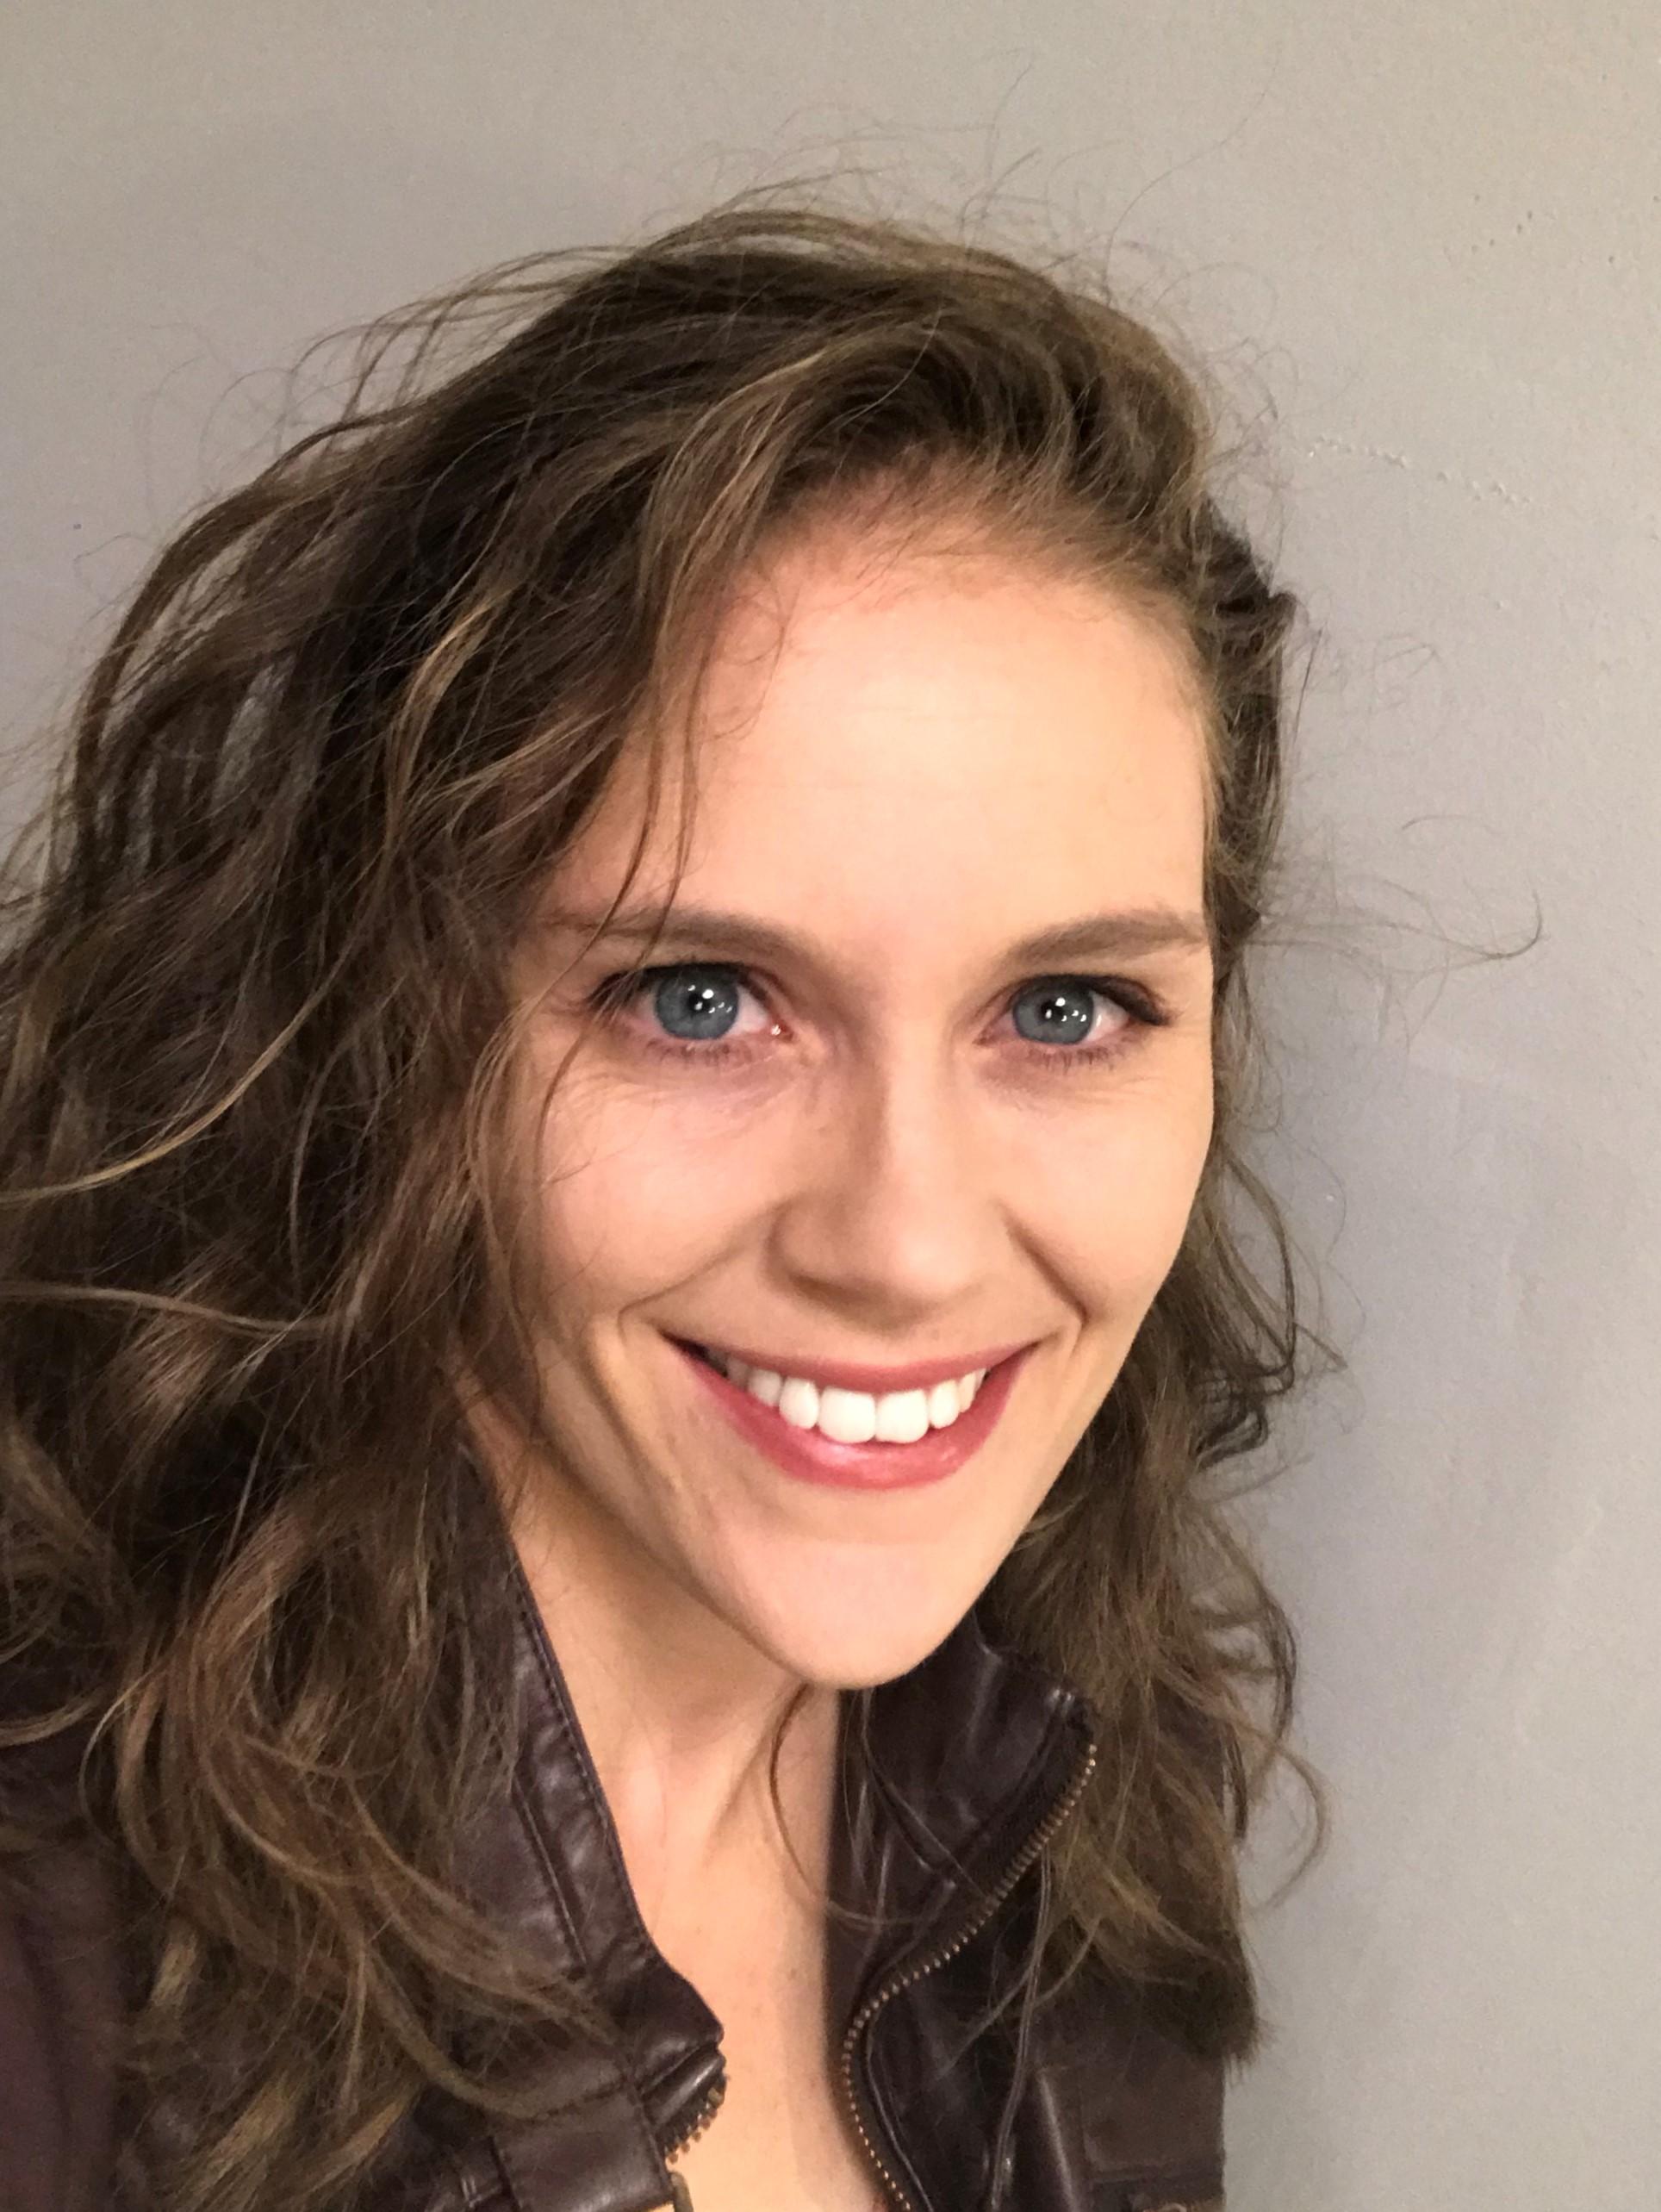 Marketing and Development Coordinator Rachel Schmidt